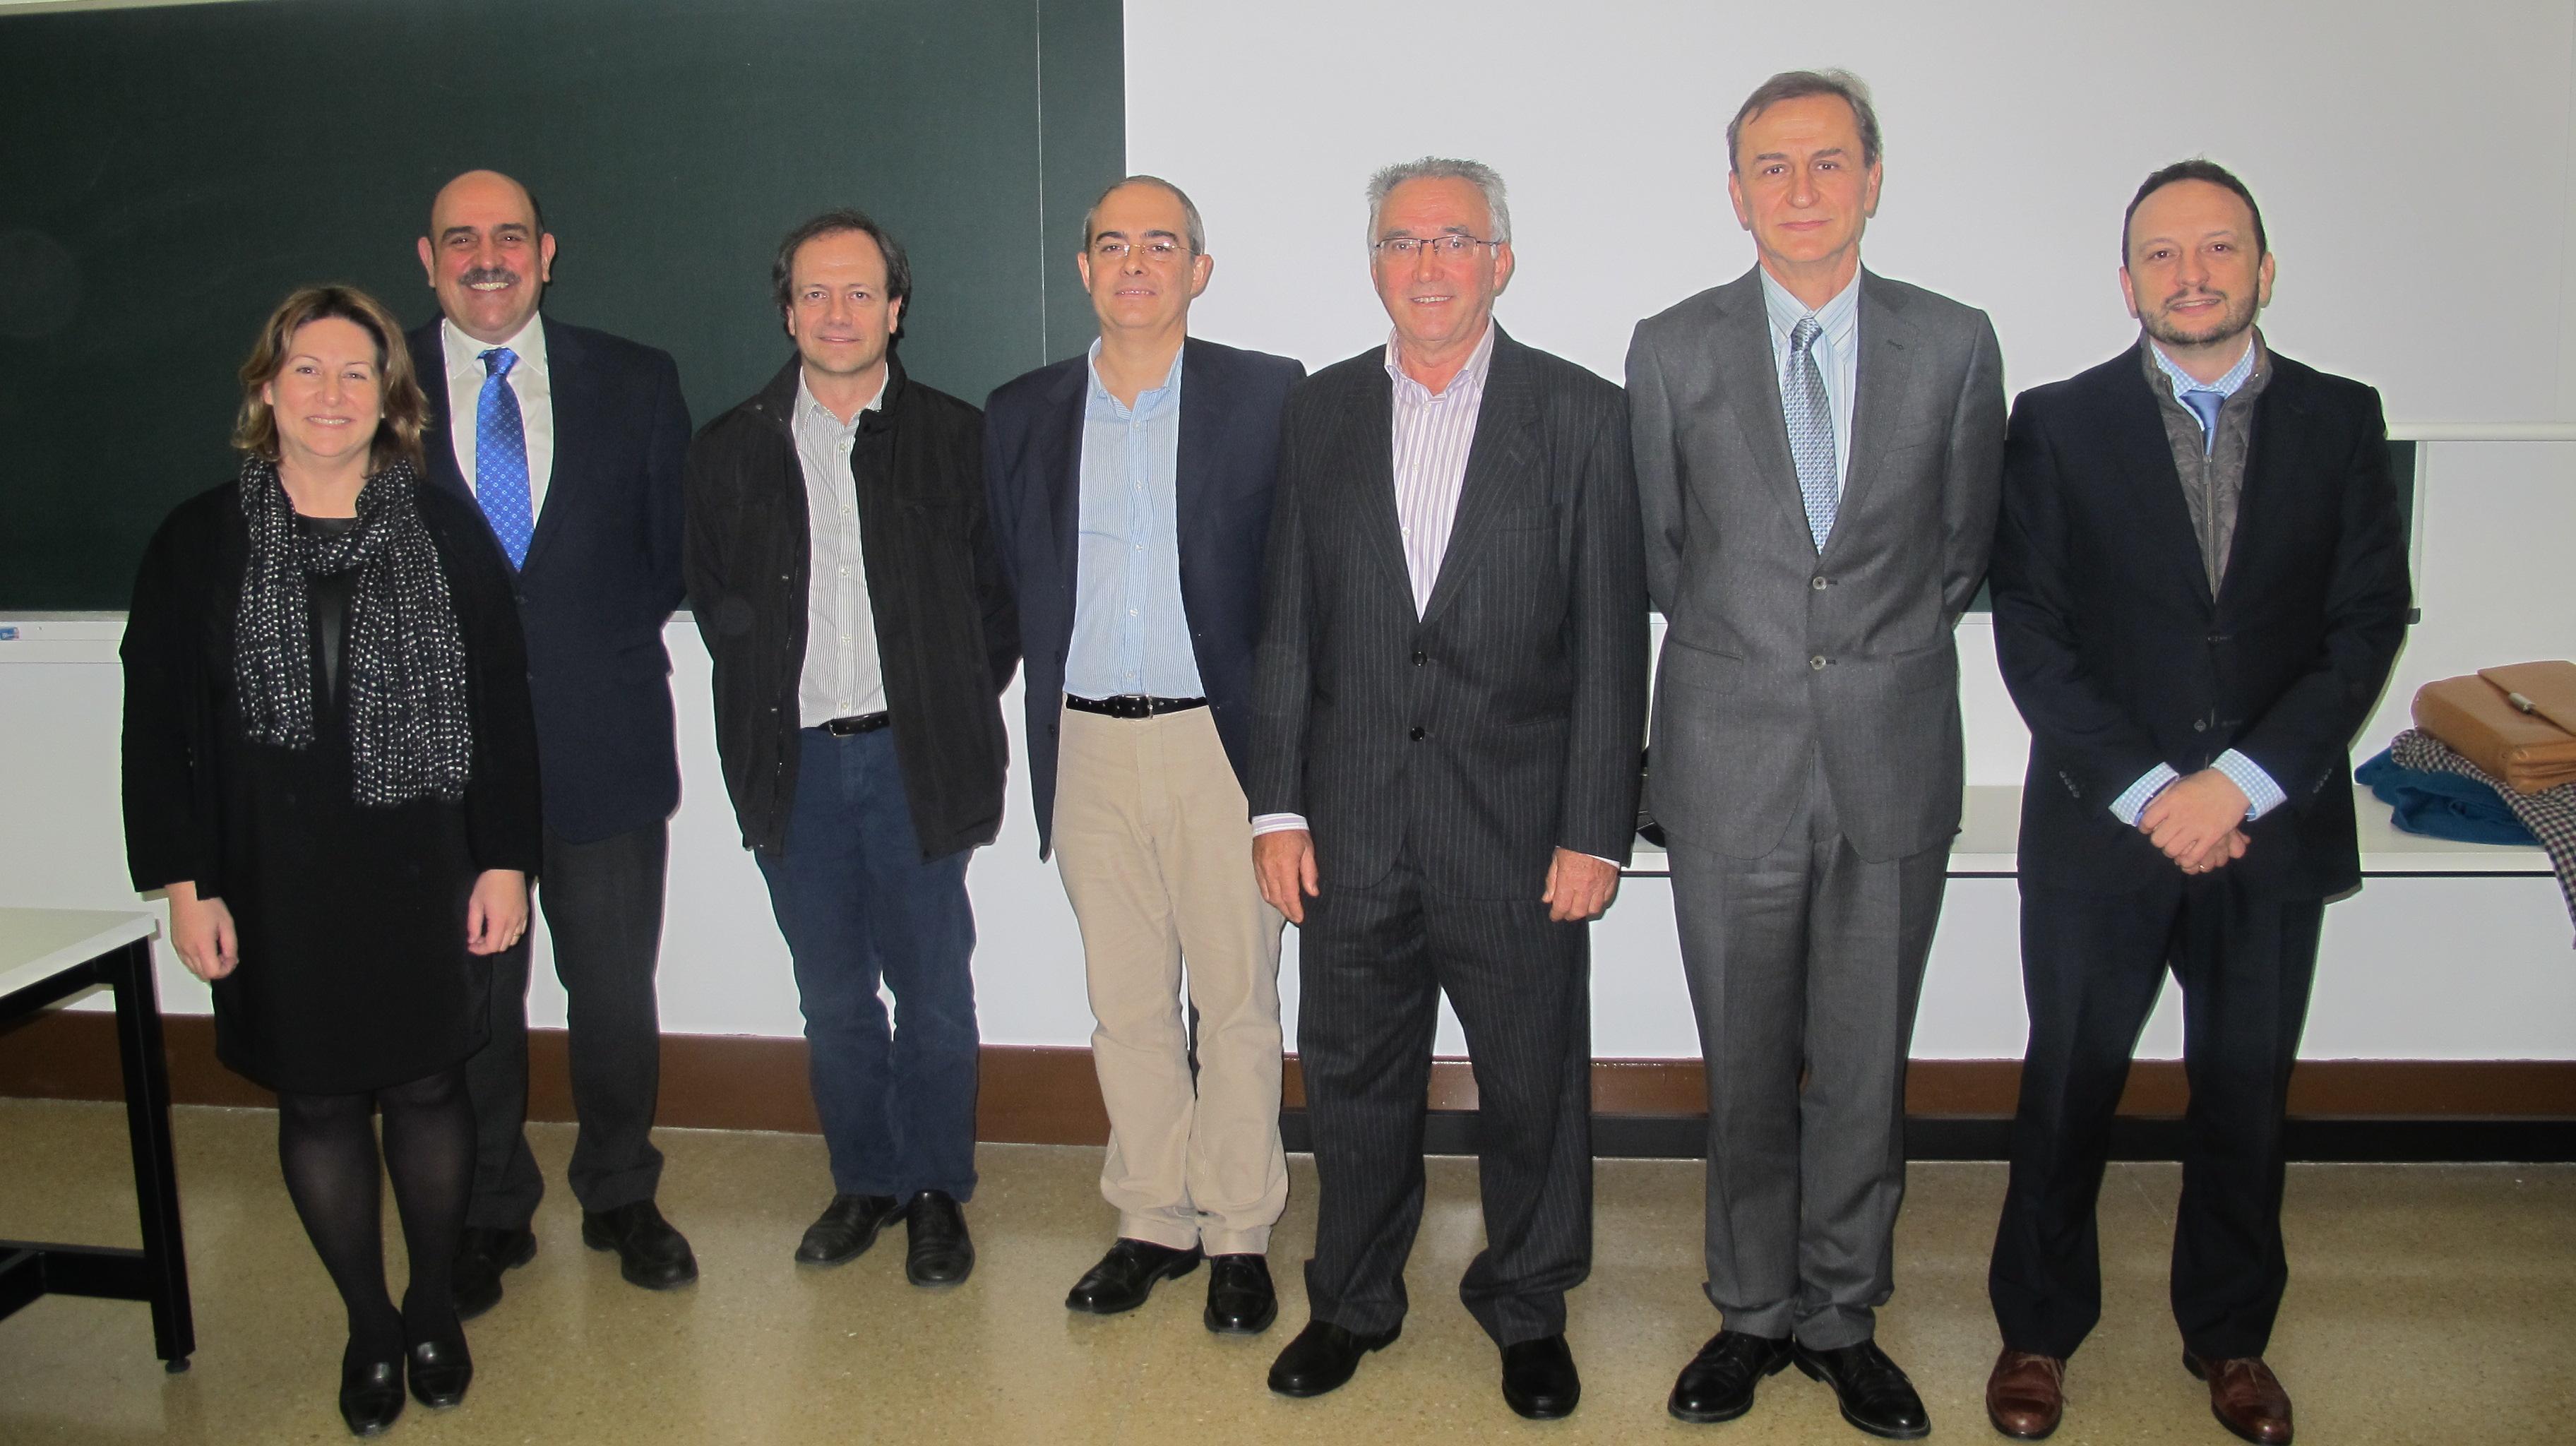 Tesis doctoral: Diseño arquitectónico y protección en caso de incendio: Desarrollo normativo español en materia de evacuación en los siglos XIX y XX.